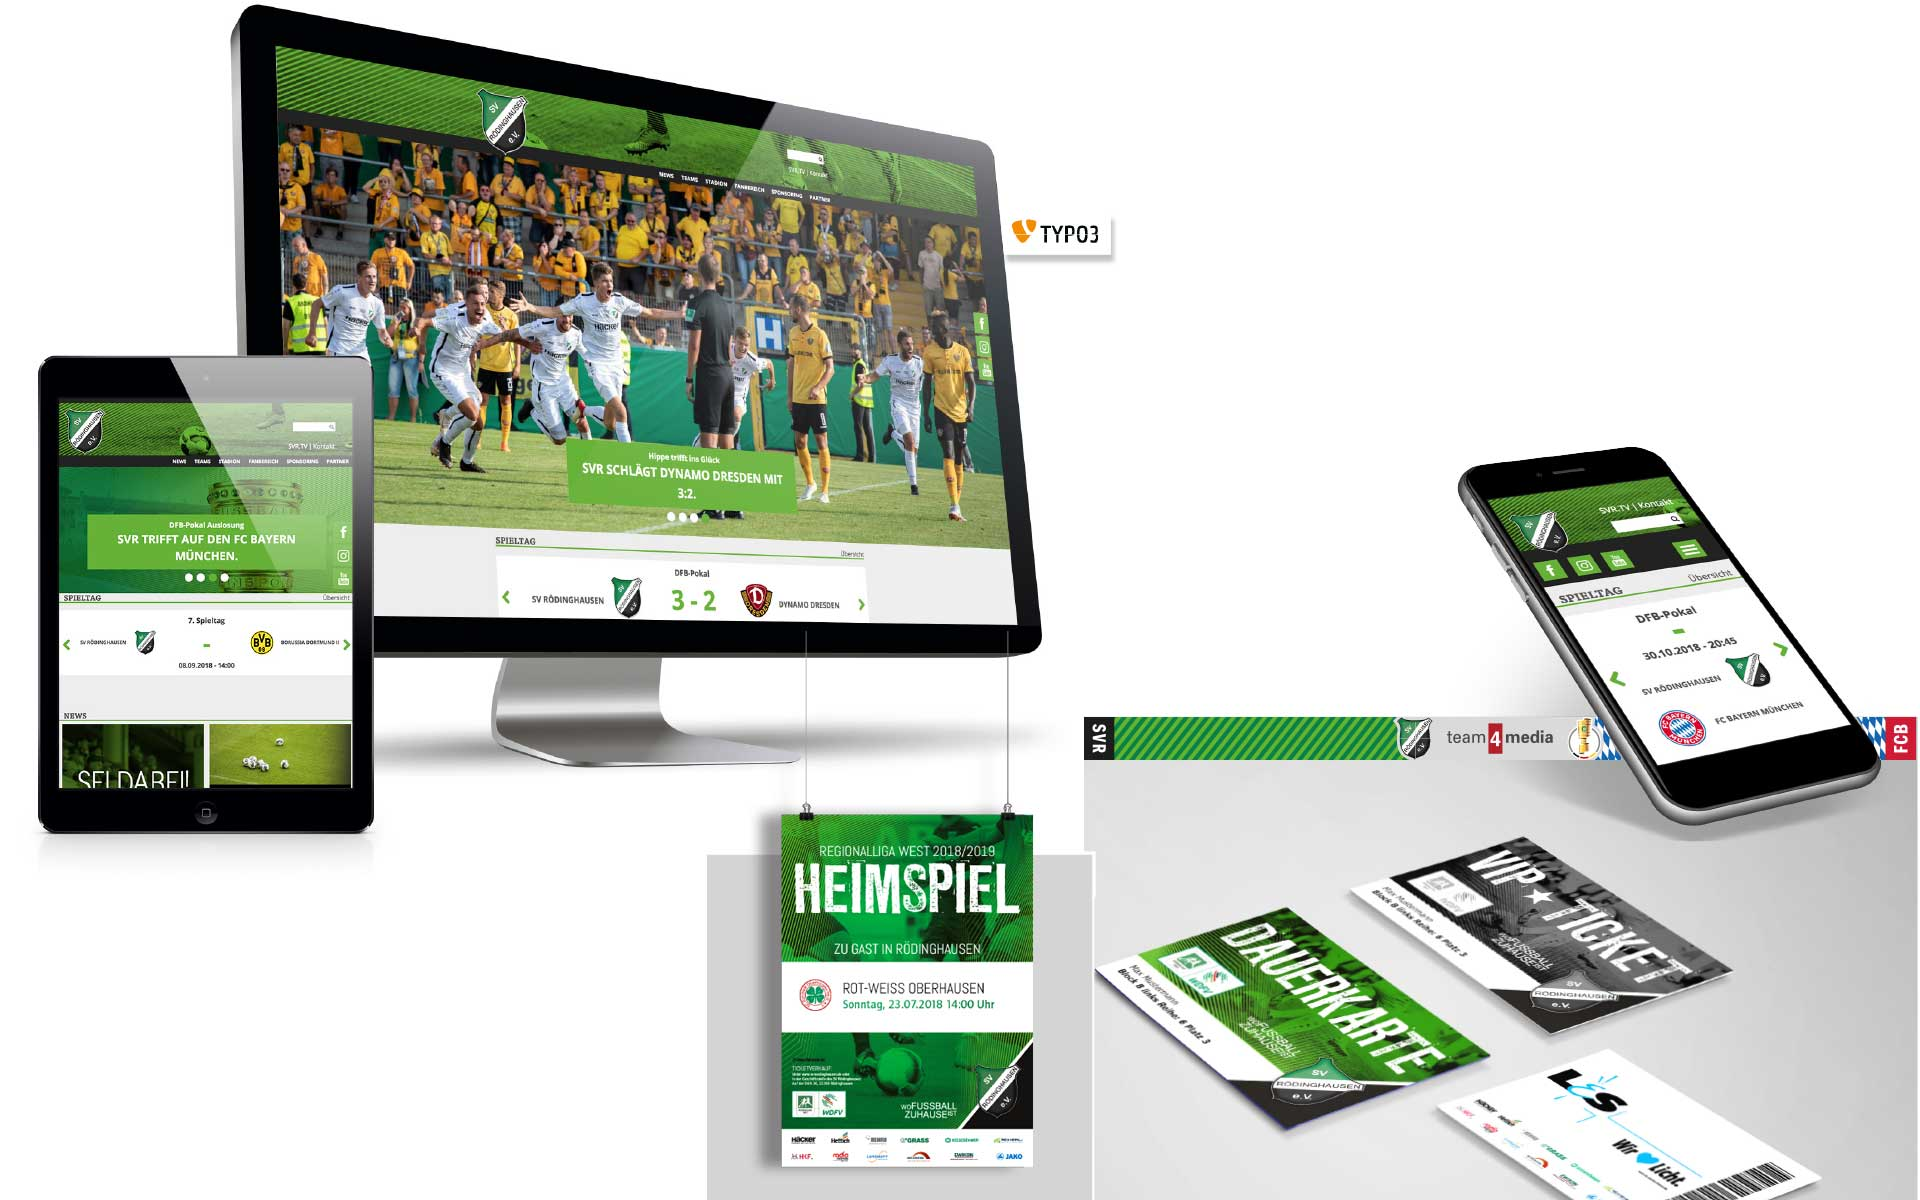 SV Rödinghausen gestaltet von team4media - Ihre Werbeagentur in Osnabrück